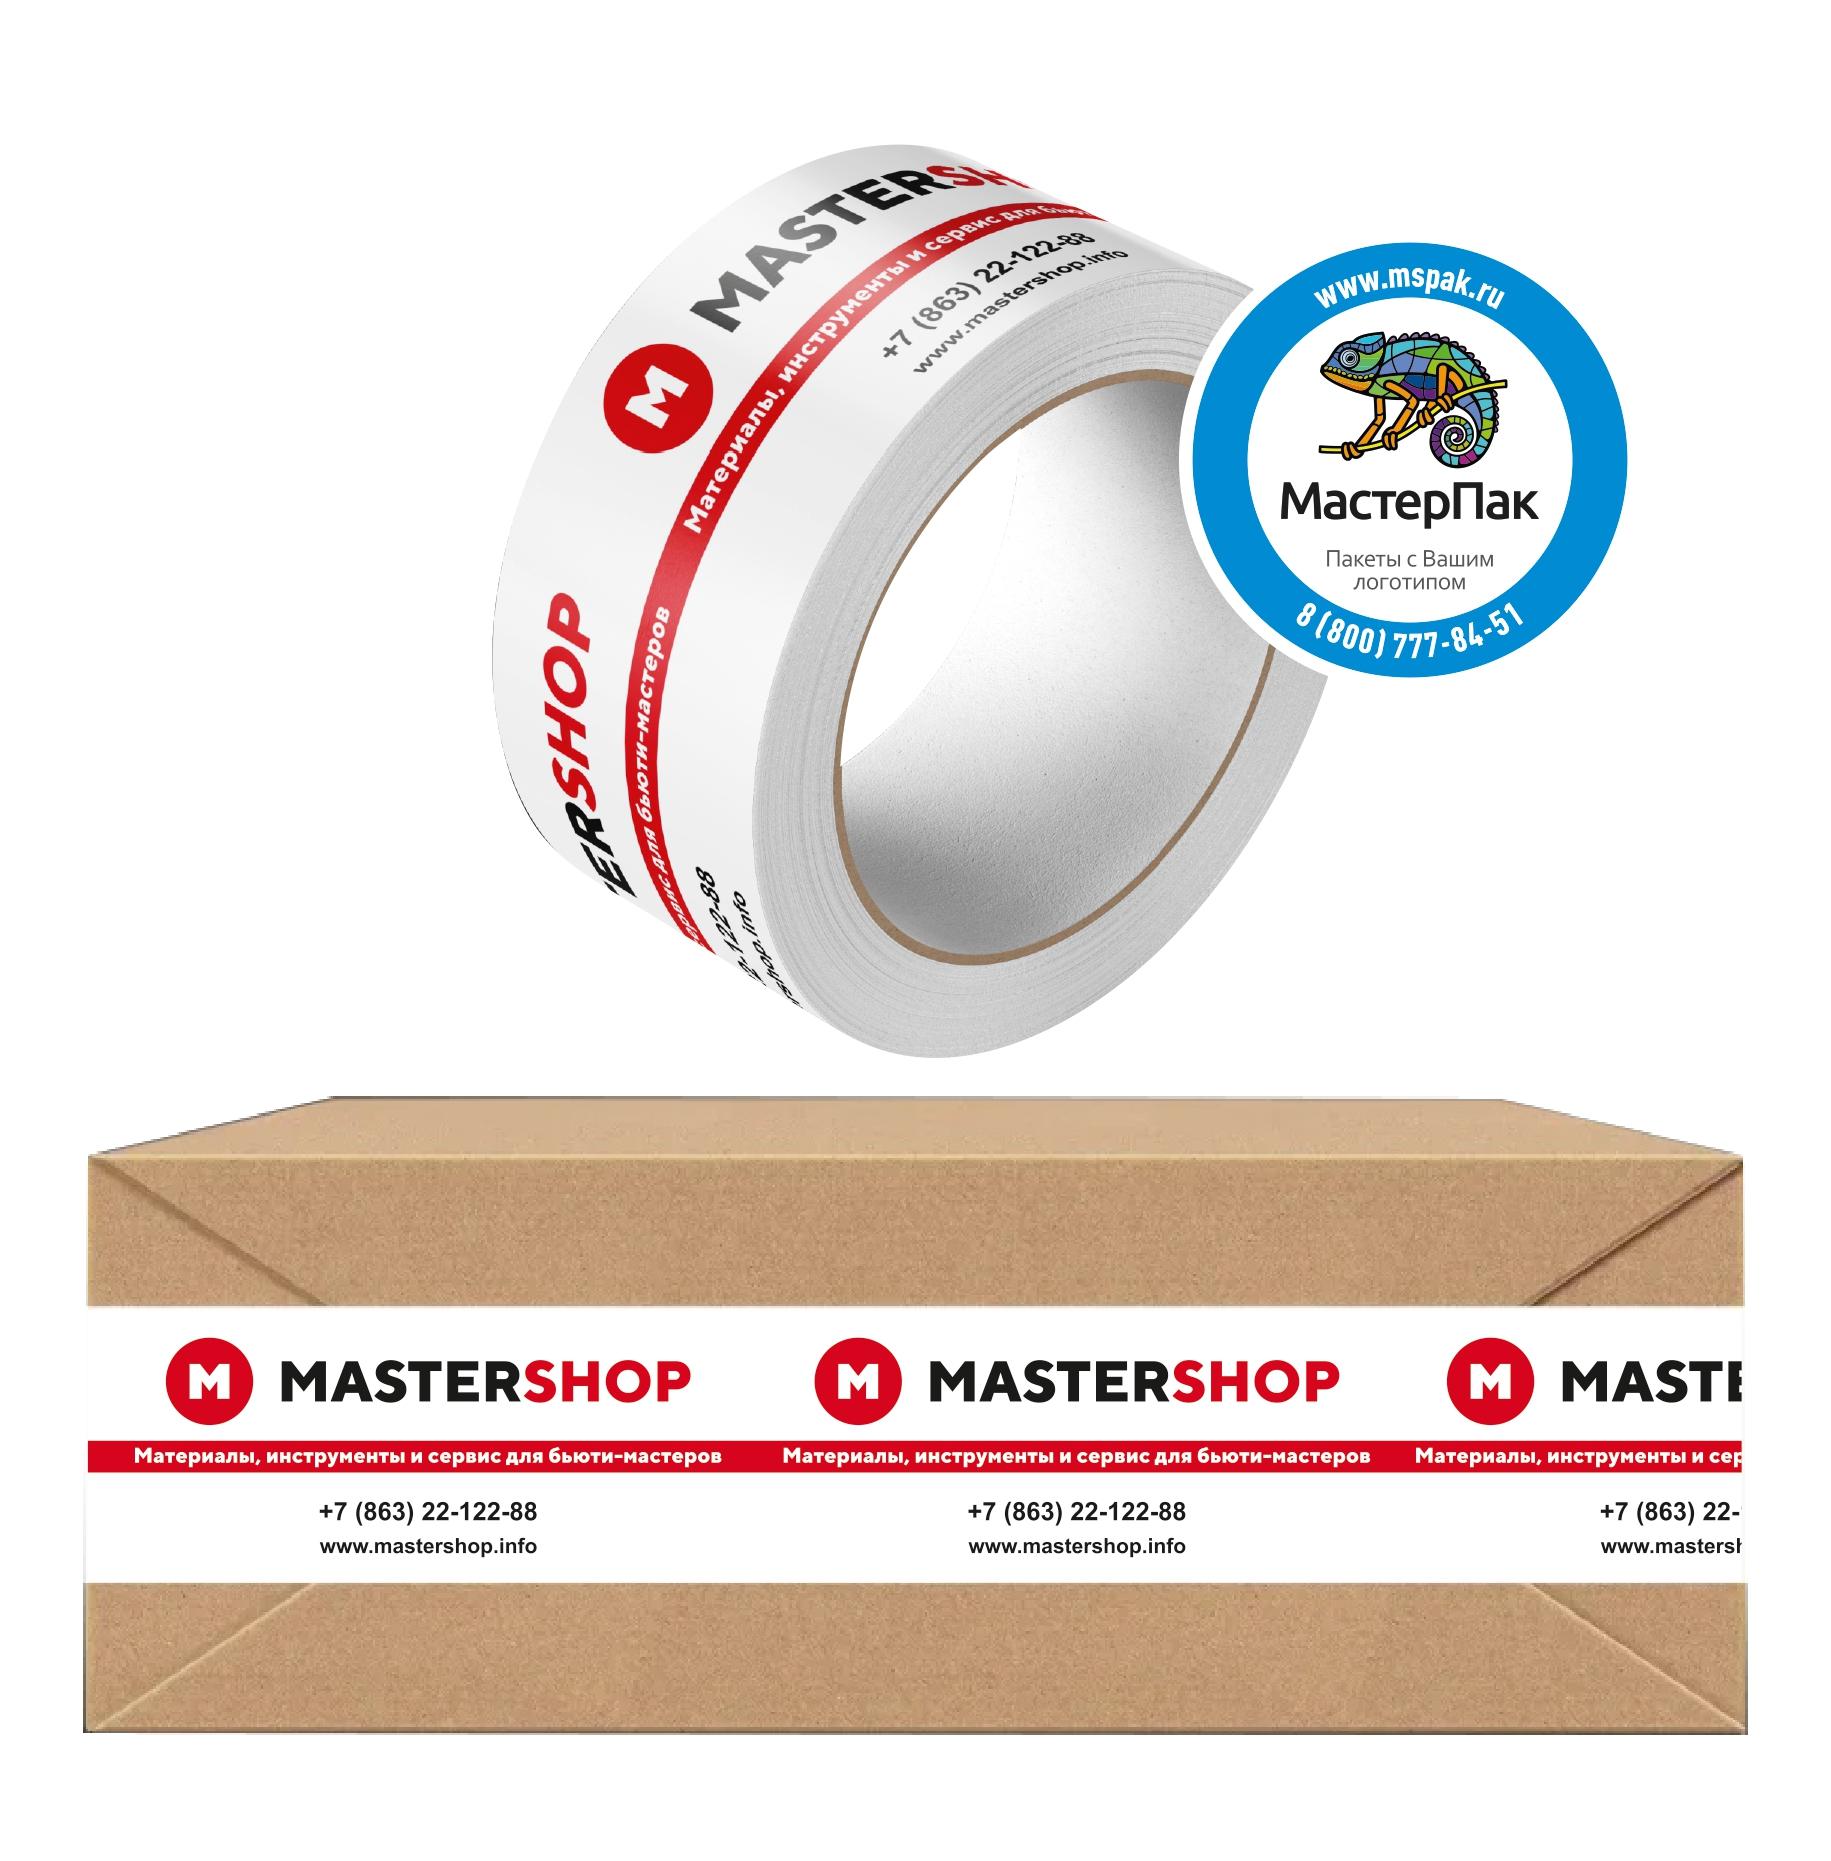 Скотч с логотипомMasterShop, 63 метра, 45 мкм, Ростов-на-Дону